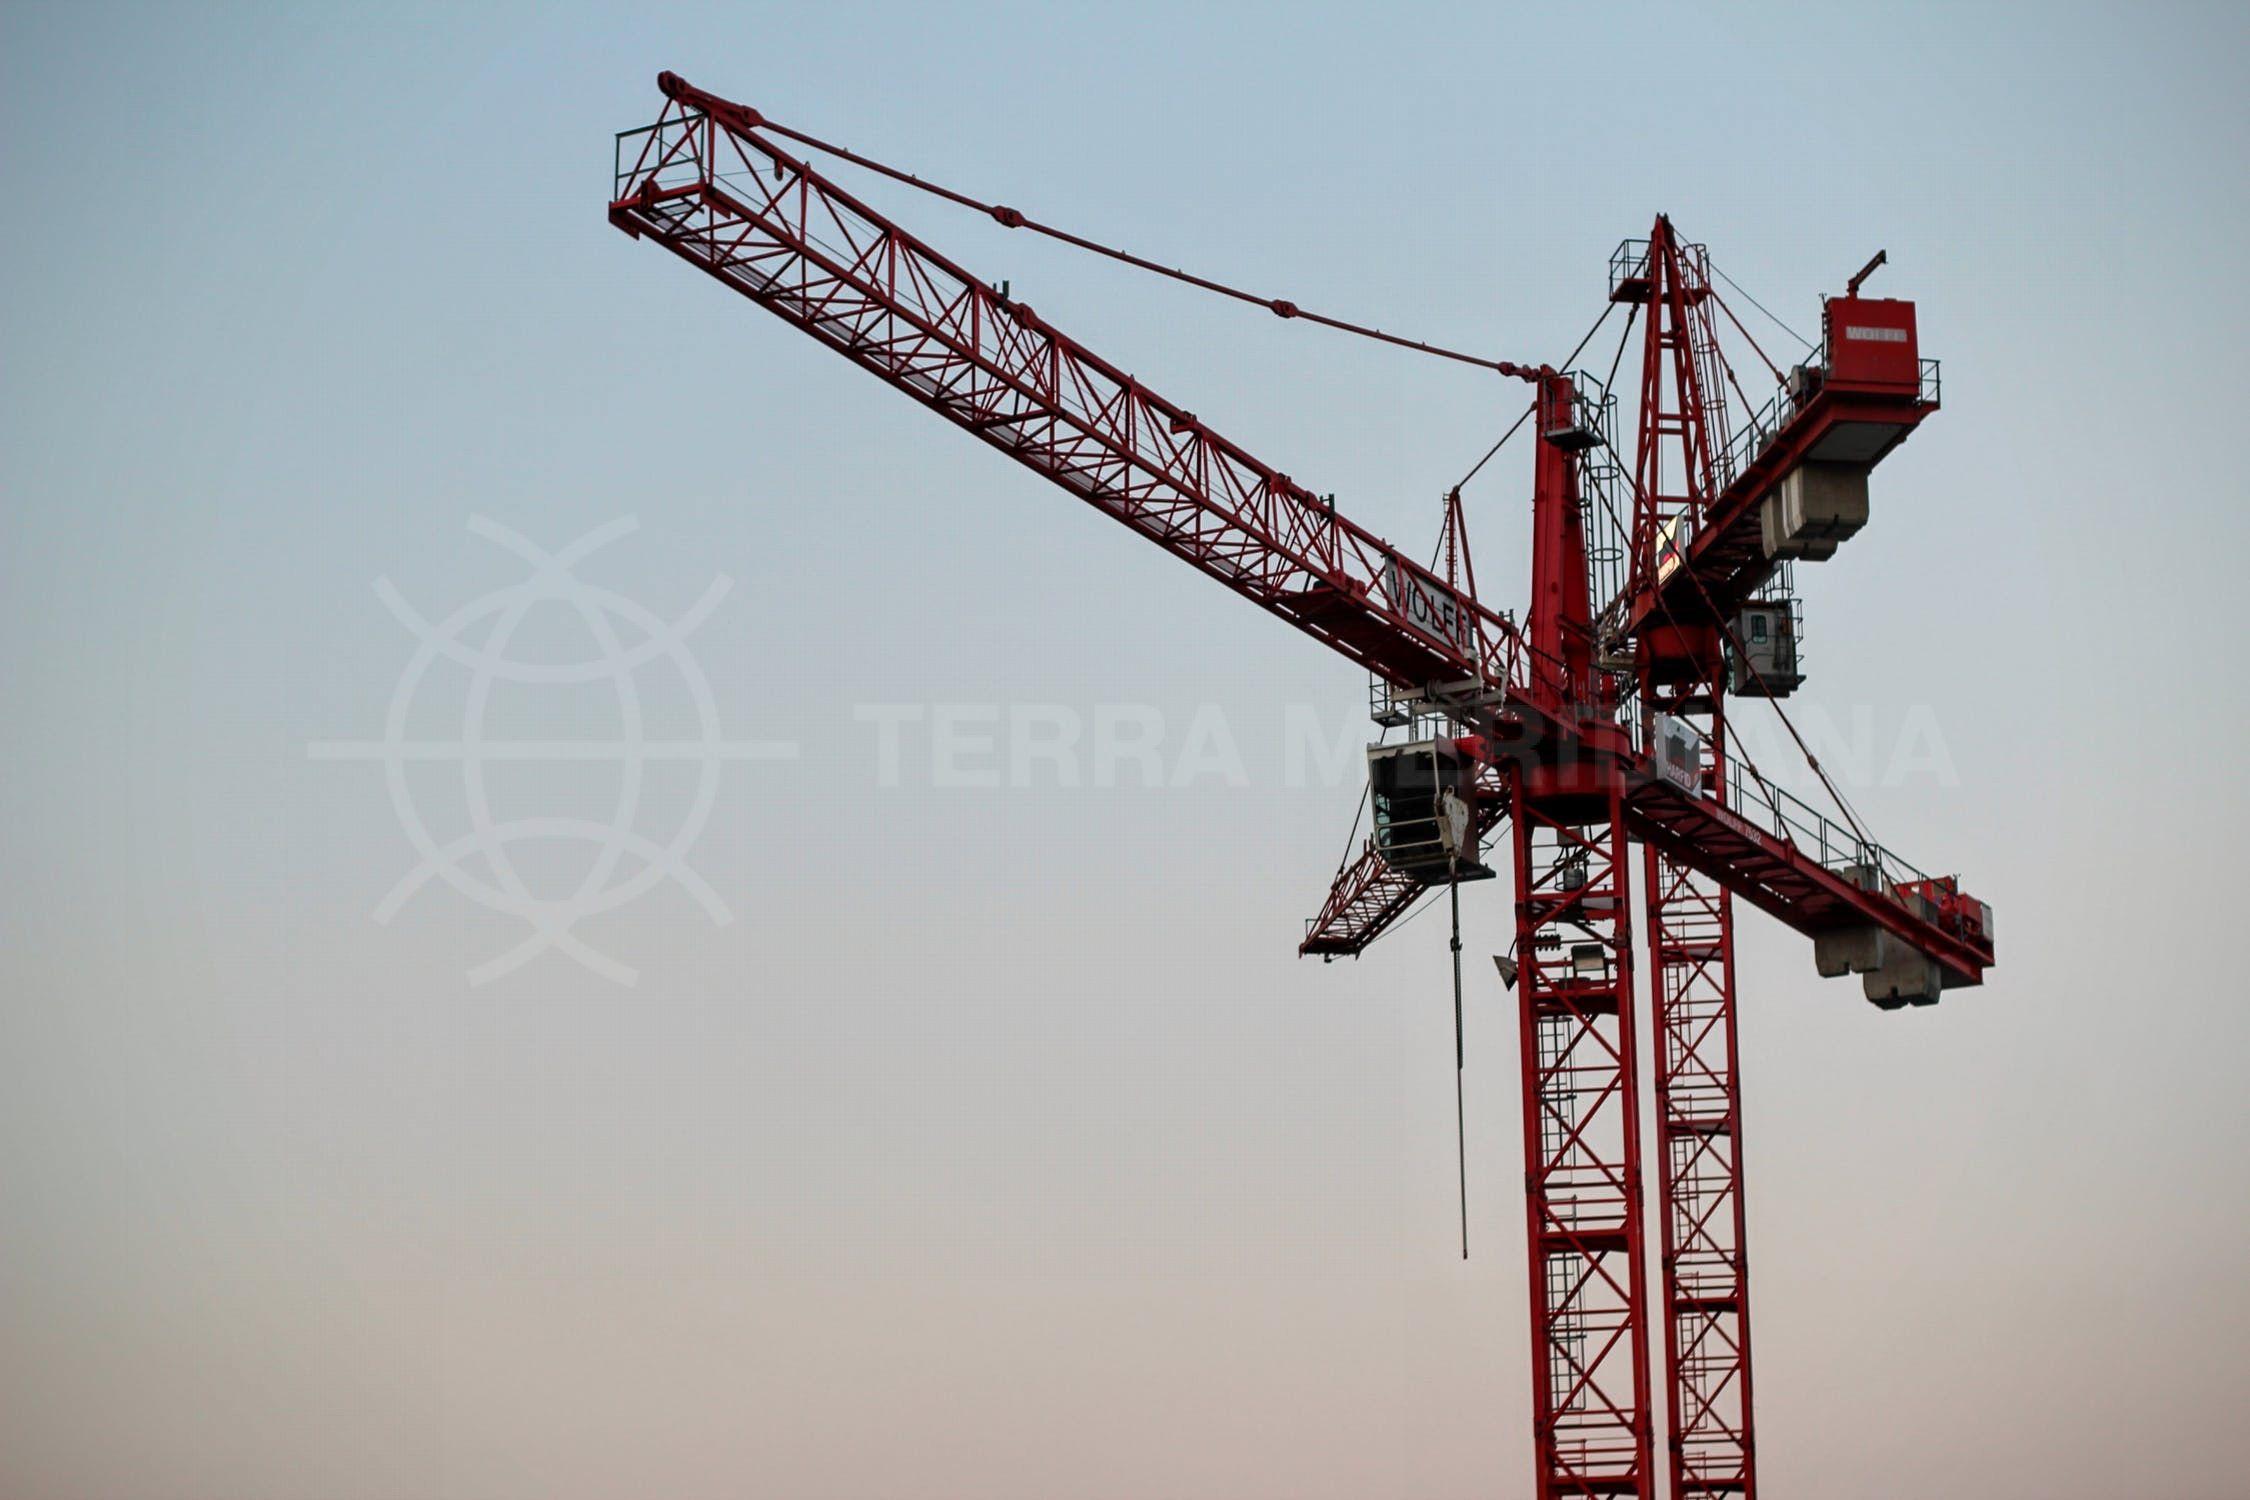 Avantages et problèmes liés à l'achat de biens immobiliers neufs en Espagne